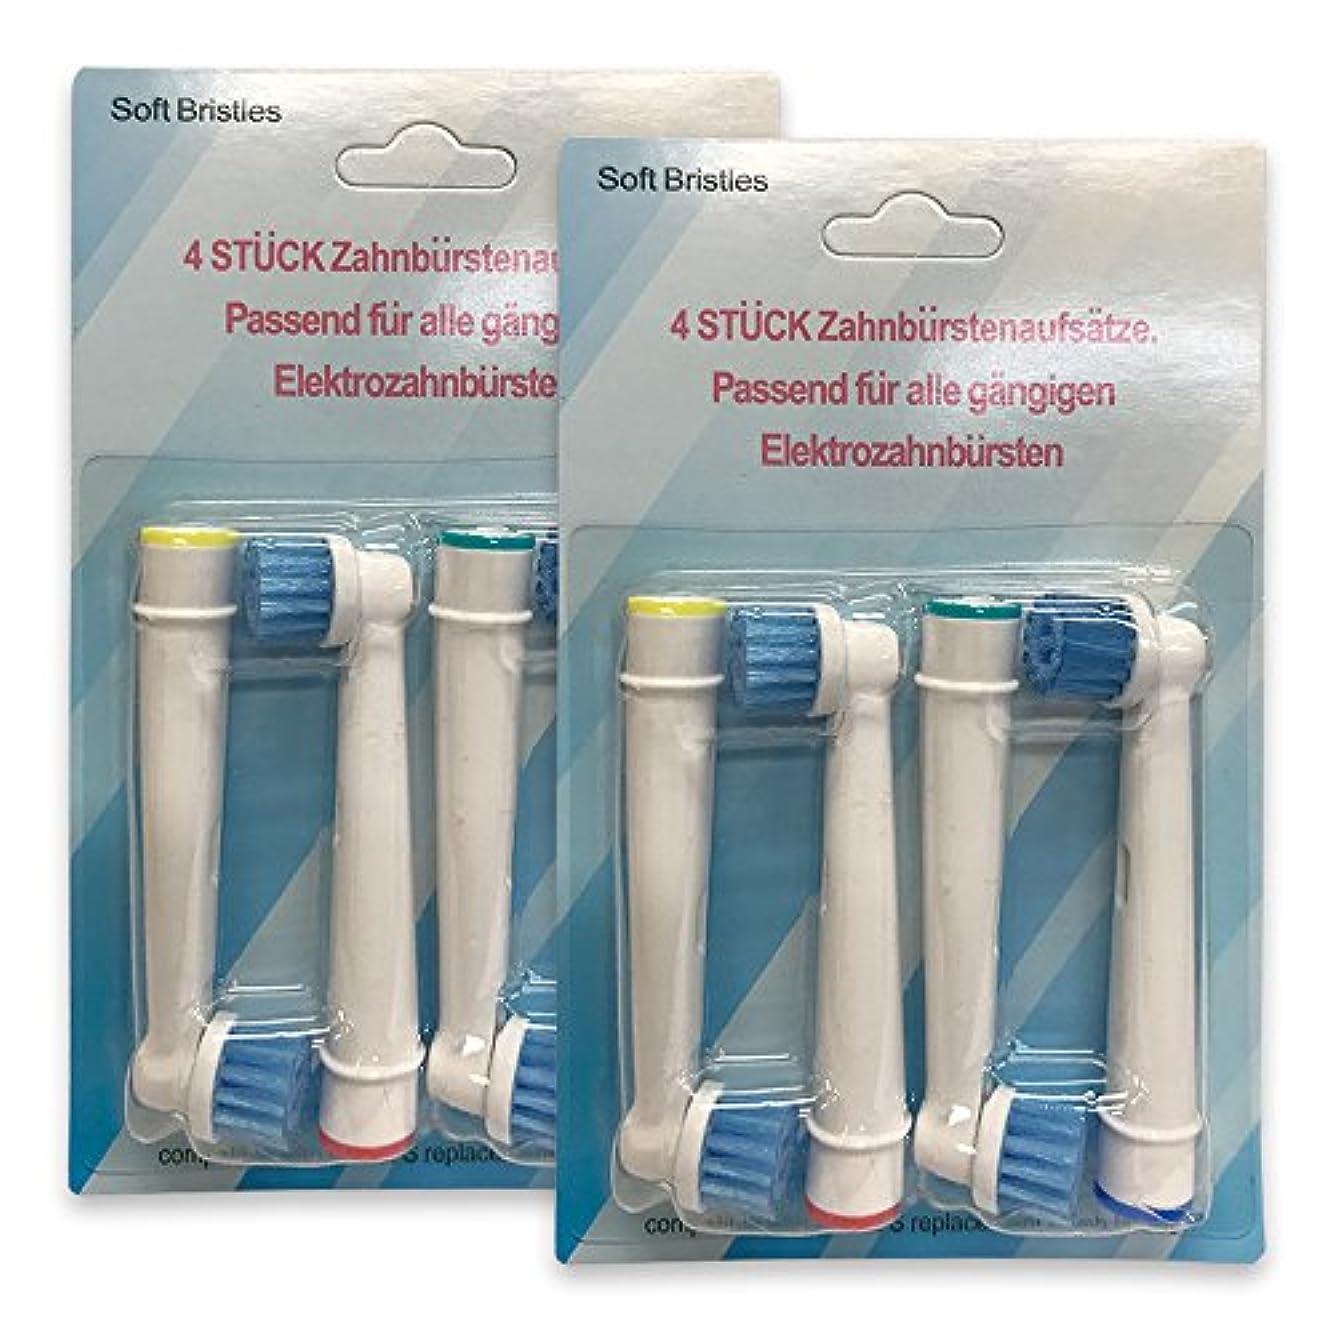 より良い添加ダンプ【エレスタ】 ブラウン オーラルB ベーシックブラシ EB-17 互換替え電動歯ブラシ 4本 x2セット=8本